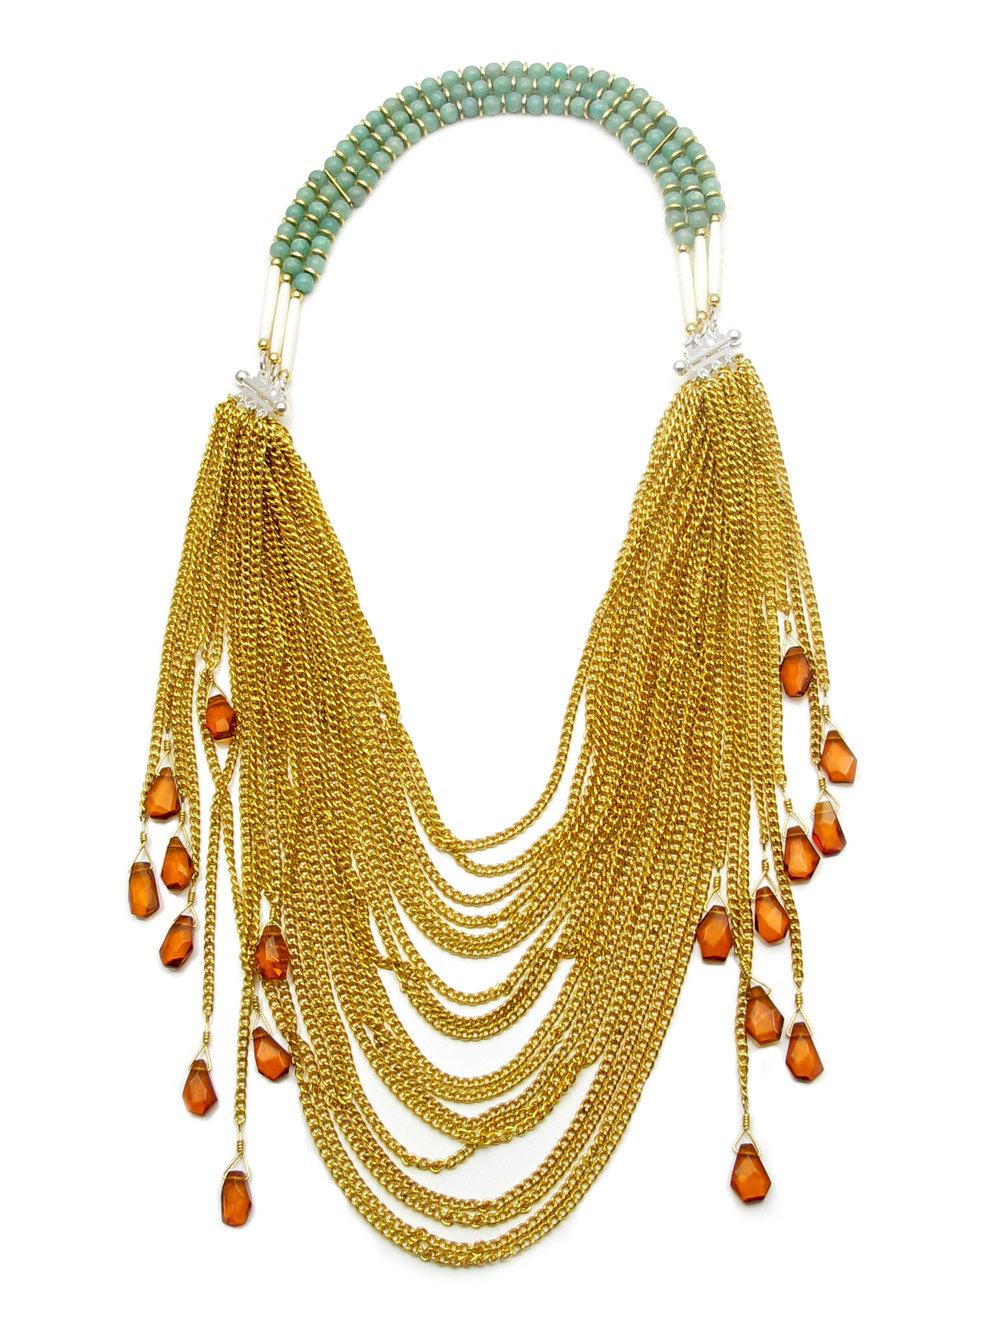 013 Gold Chain Amber Dangle.jpg